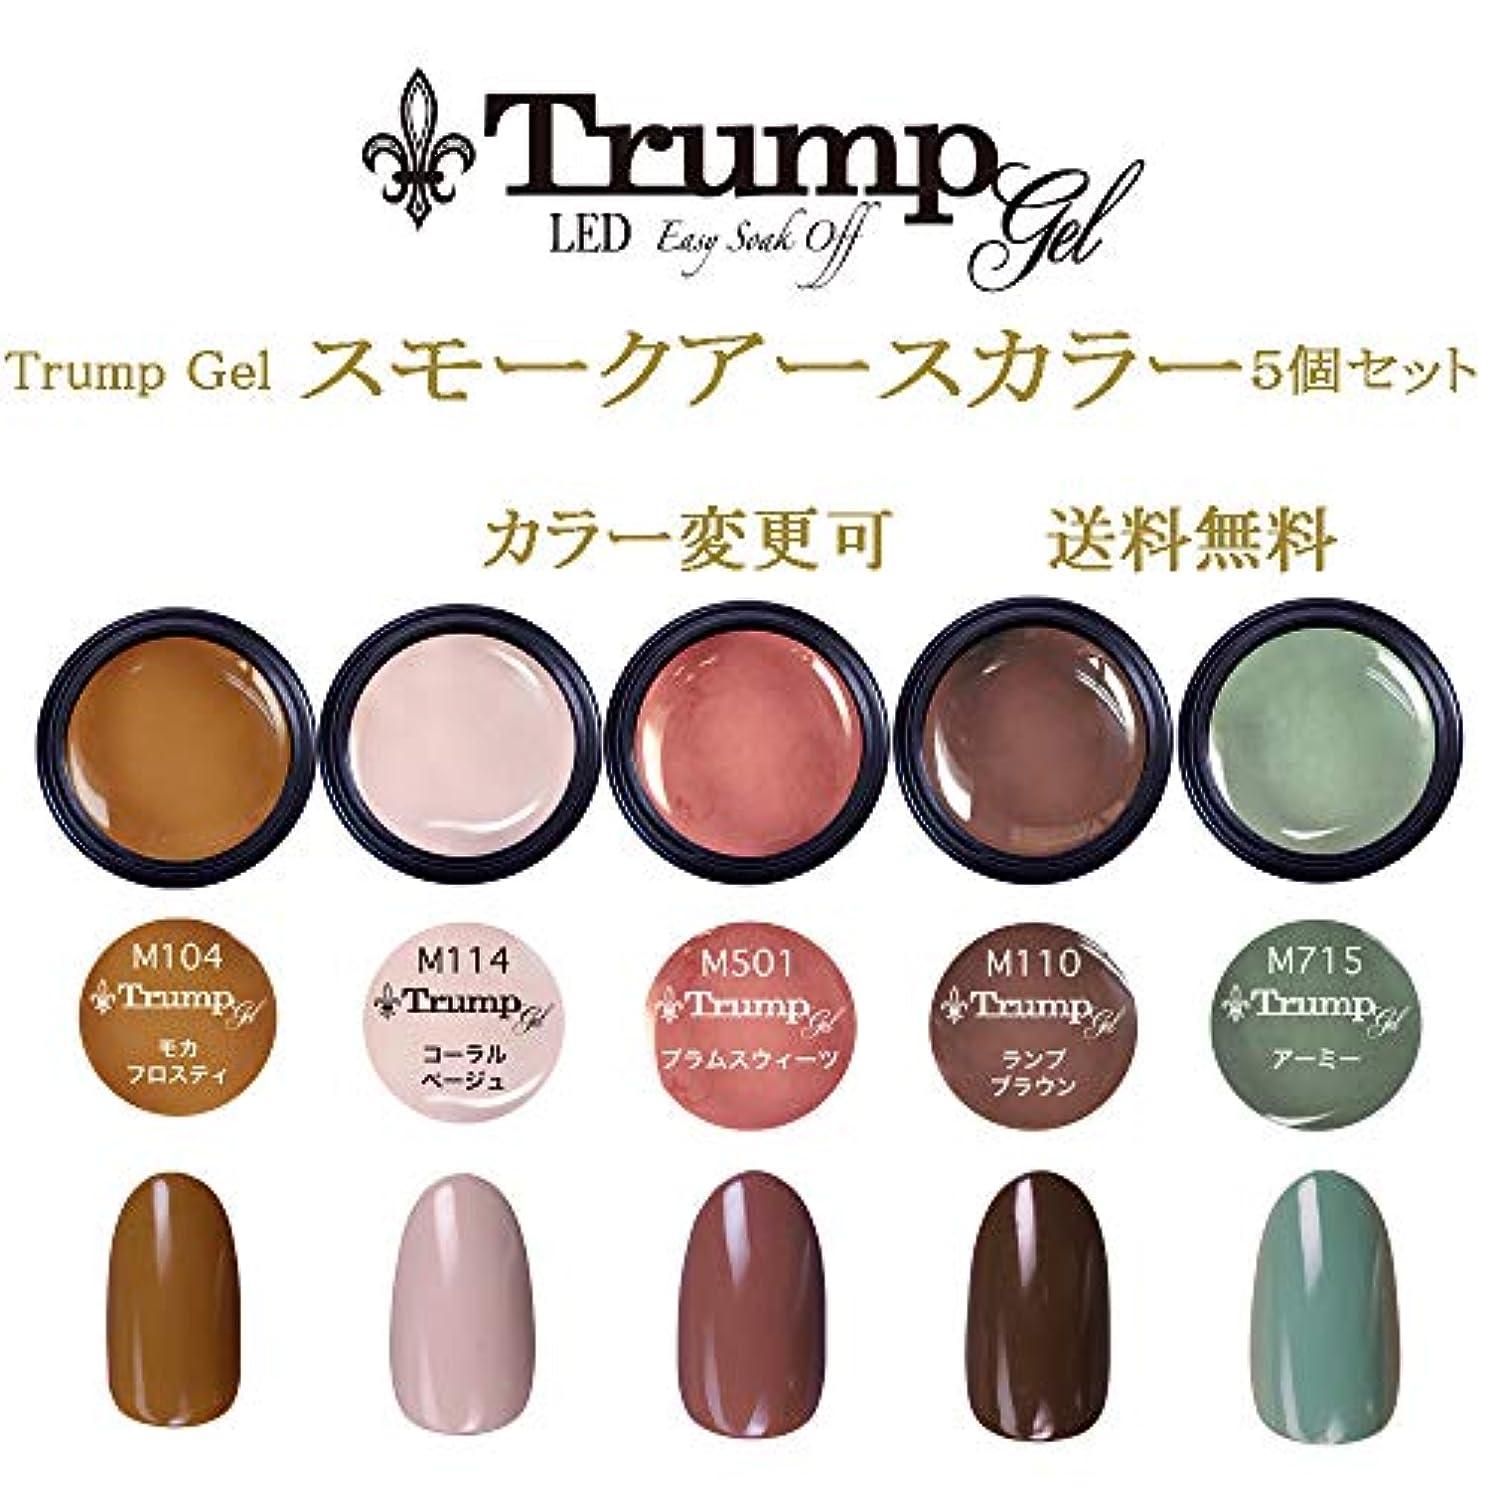 政治家のバトルシャトル【送料無料】日本製 Trump gel トランプジェル スモークアース 選べる カラージェル 5個セット スモーキー アースカラー ベージュ ブラウン マスタード カーキ カラー